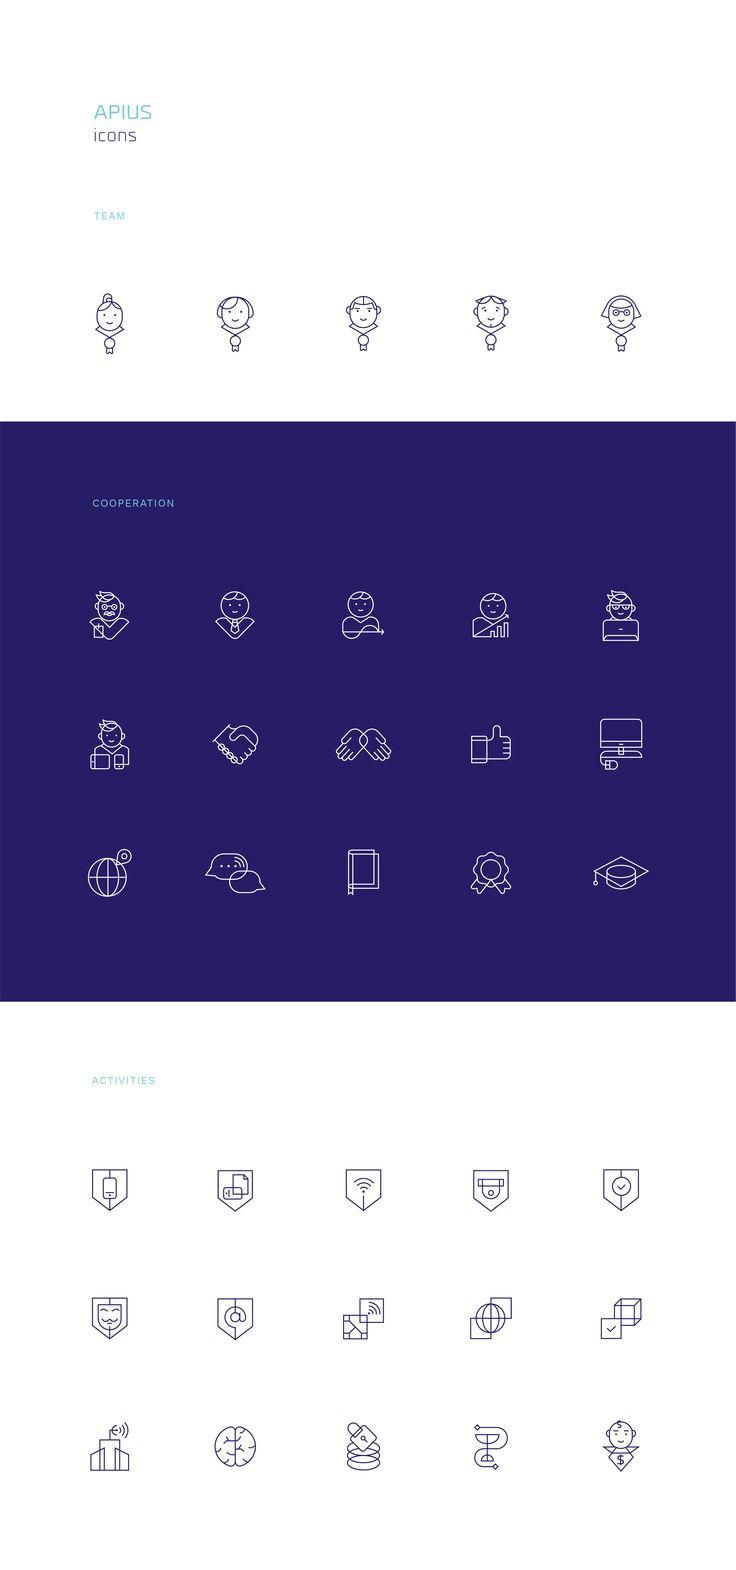 Apius Icon Set #pleo #picto #pictograms #icon #iconset